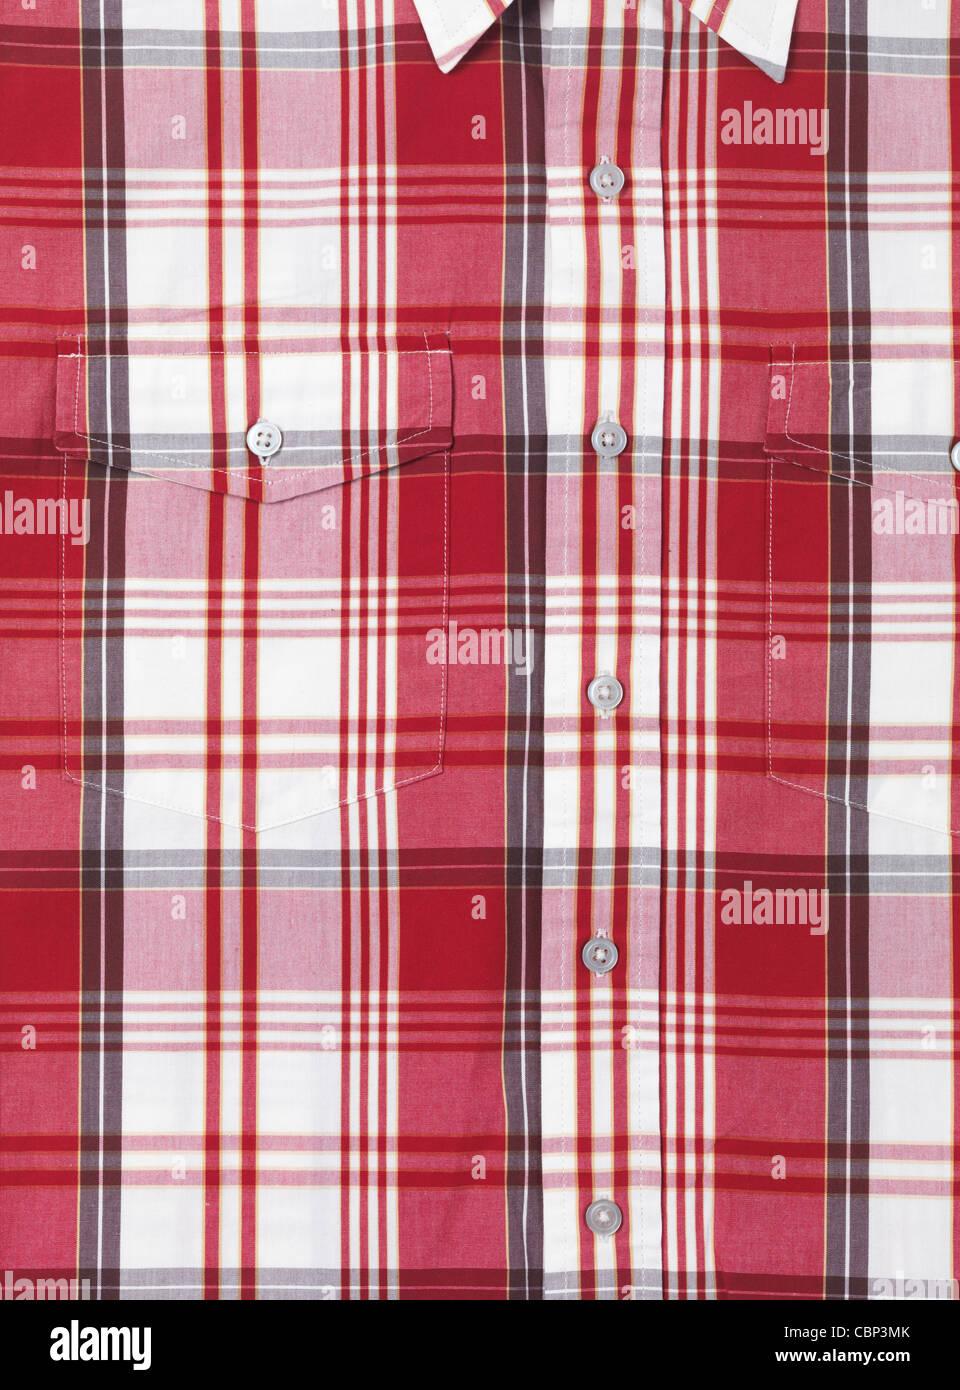 Camiseta con Mens tartan rojo y blanco de fondo de la trama Imagen De Stock